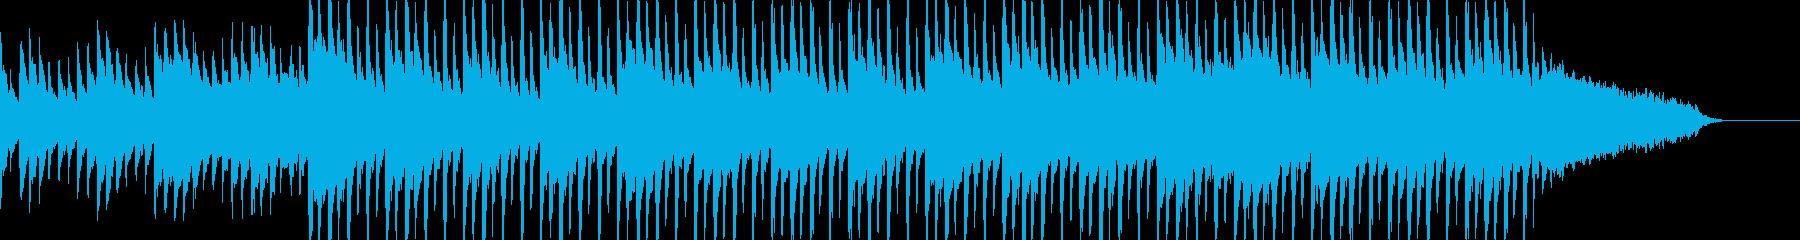 企業VP CM 前向き ピアノBGMの再生済みの波形